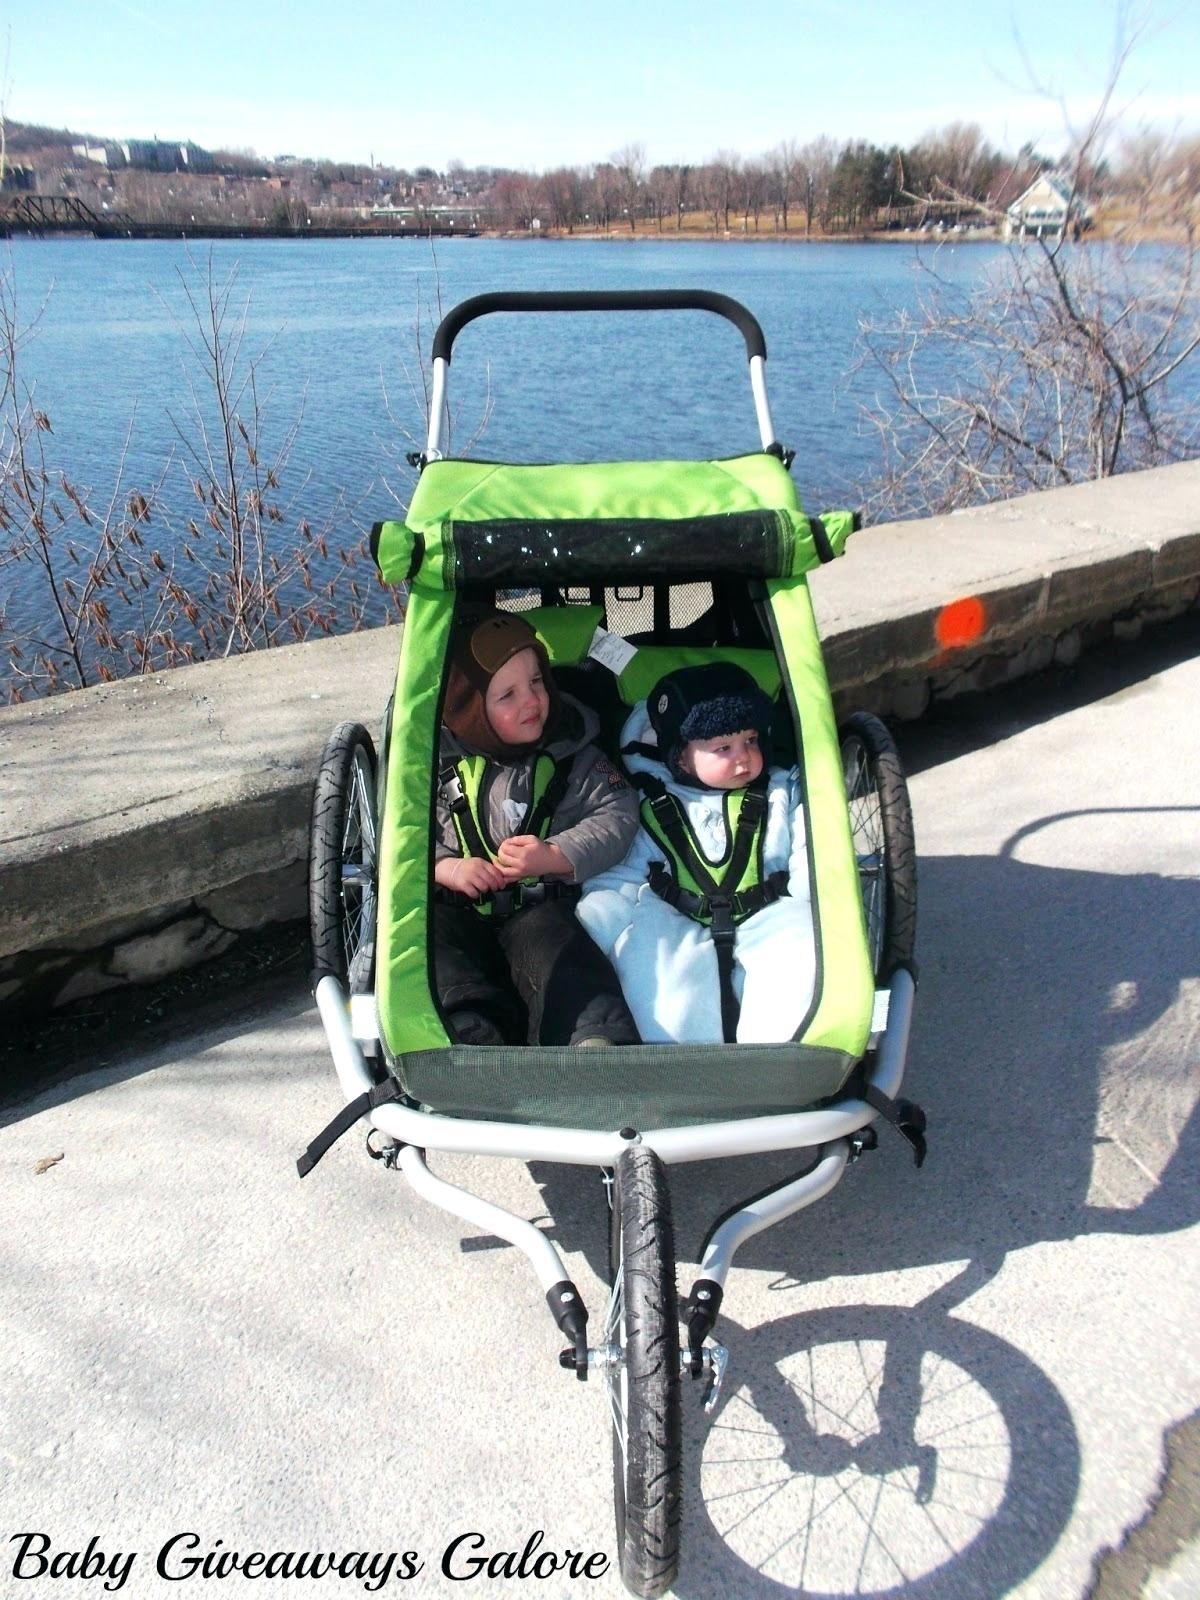 Baby Trend Kinderwagen Croozer Kid Fur Jogger Kinderwagen